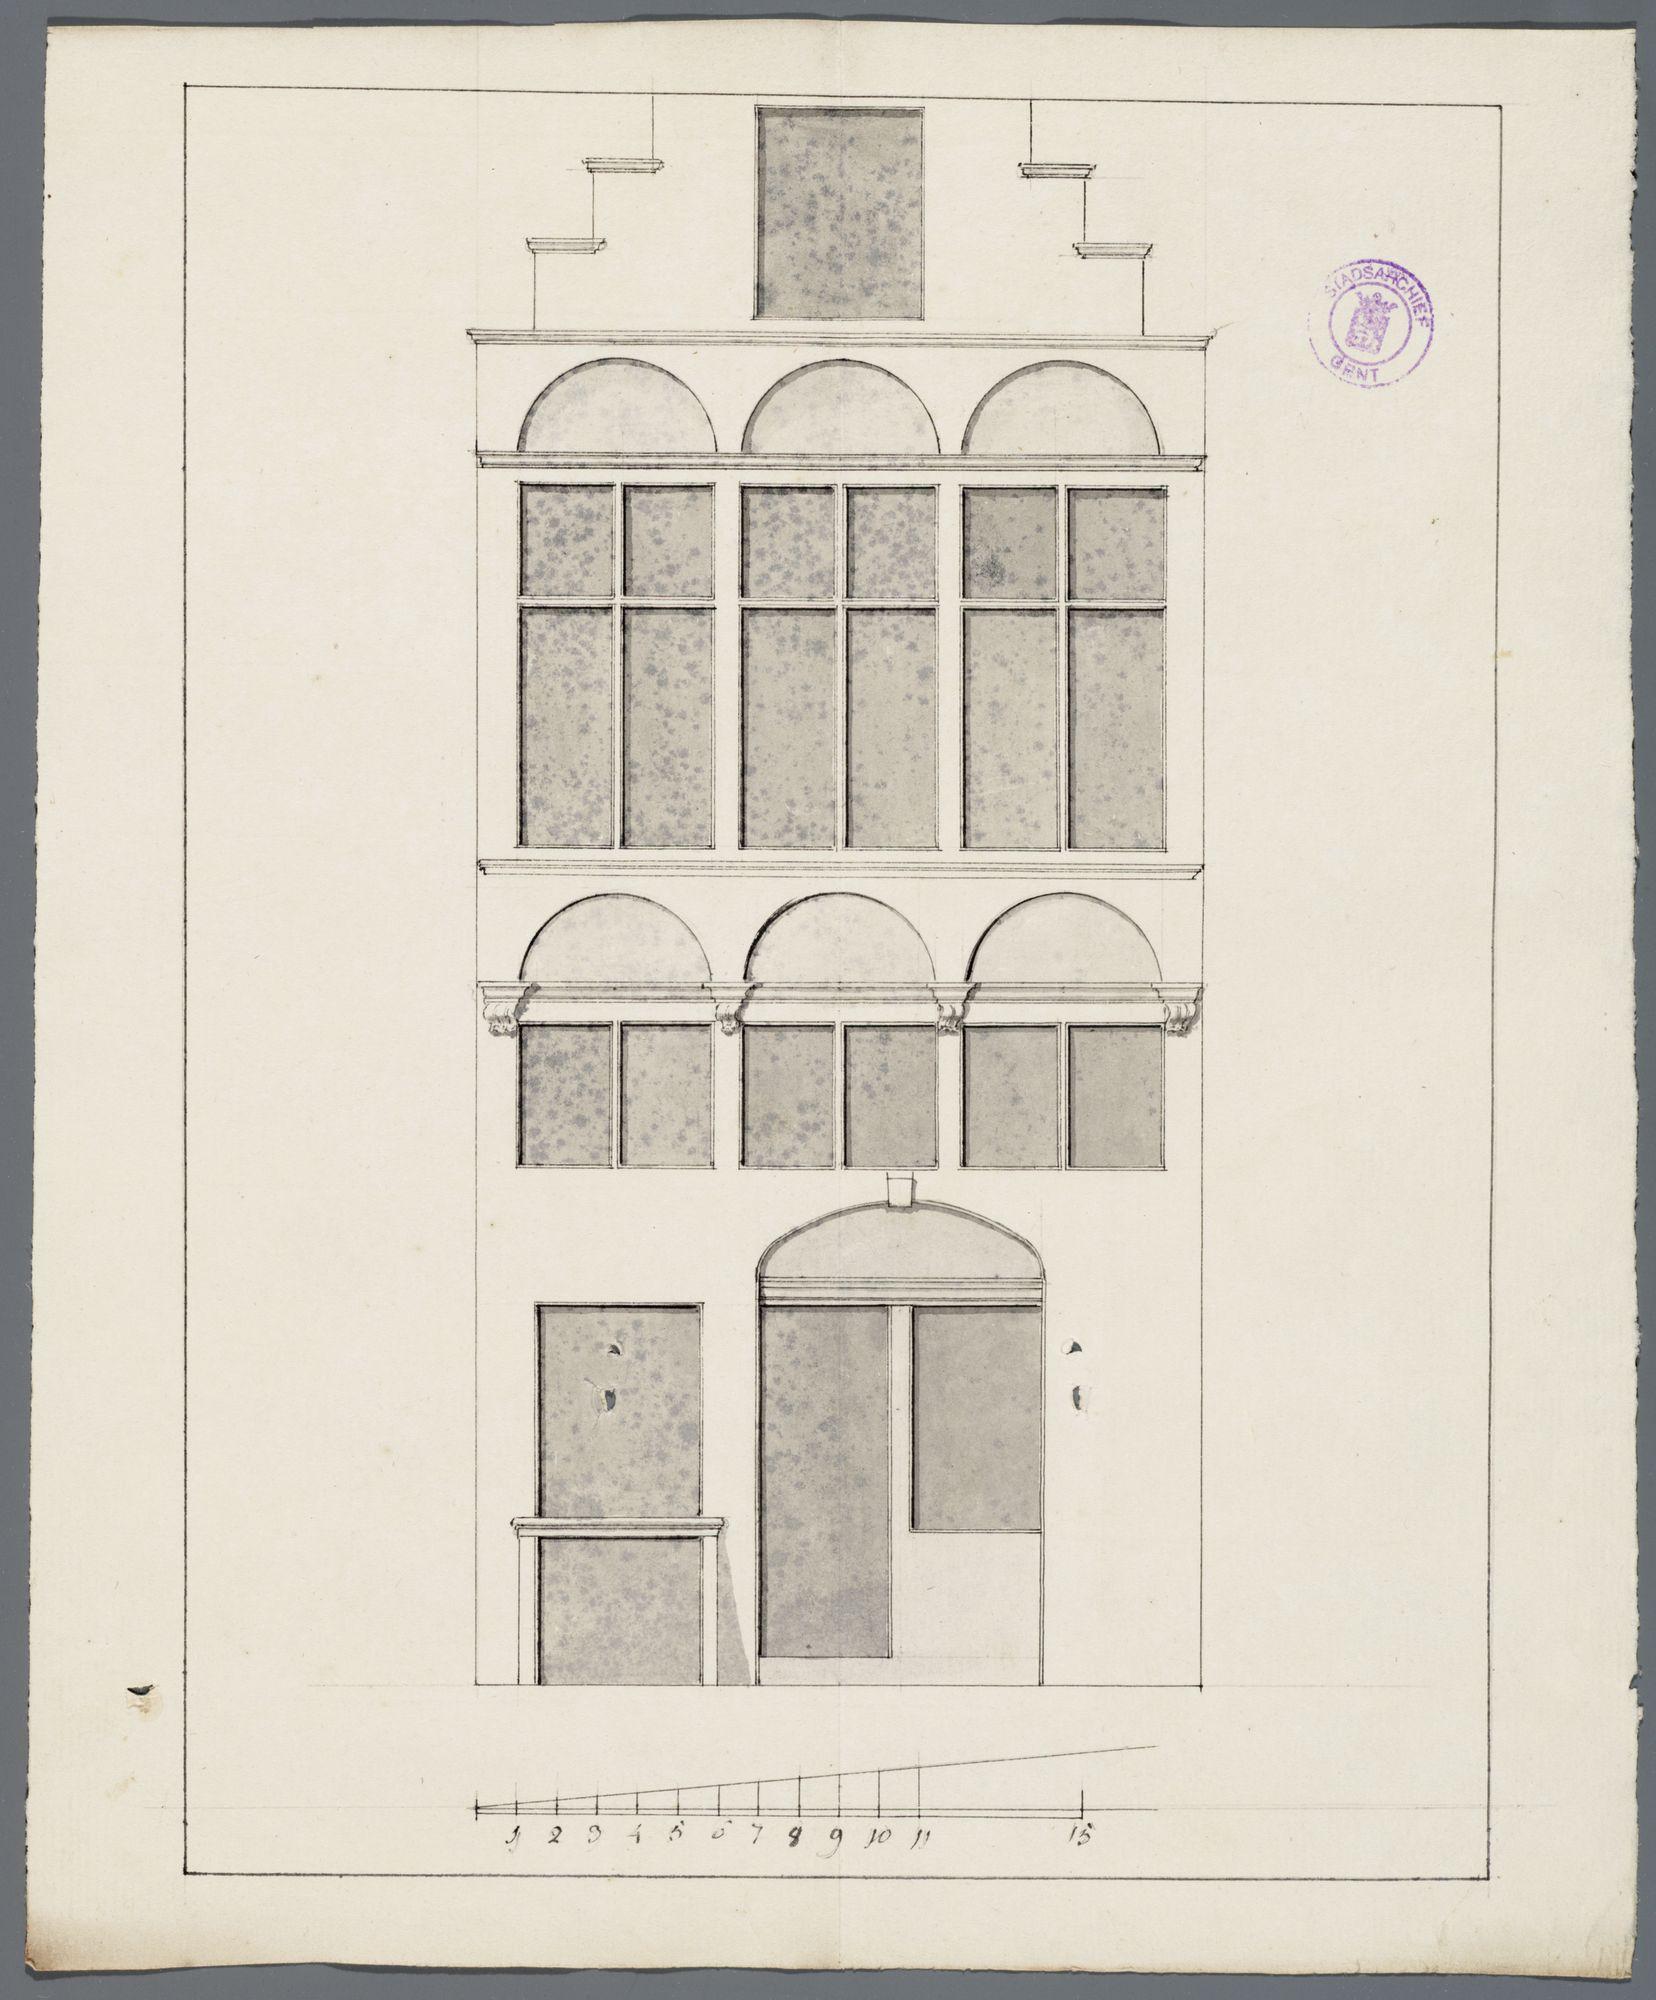 Gent: Sluizeken, 1772: opstand gevel